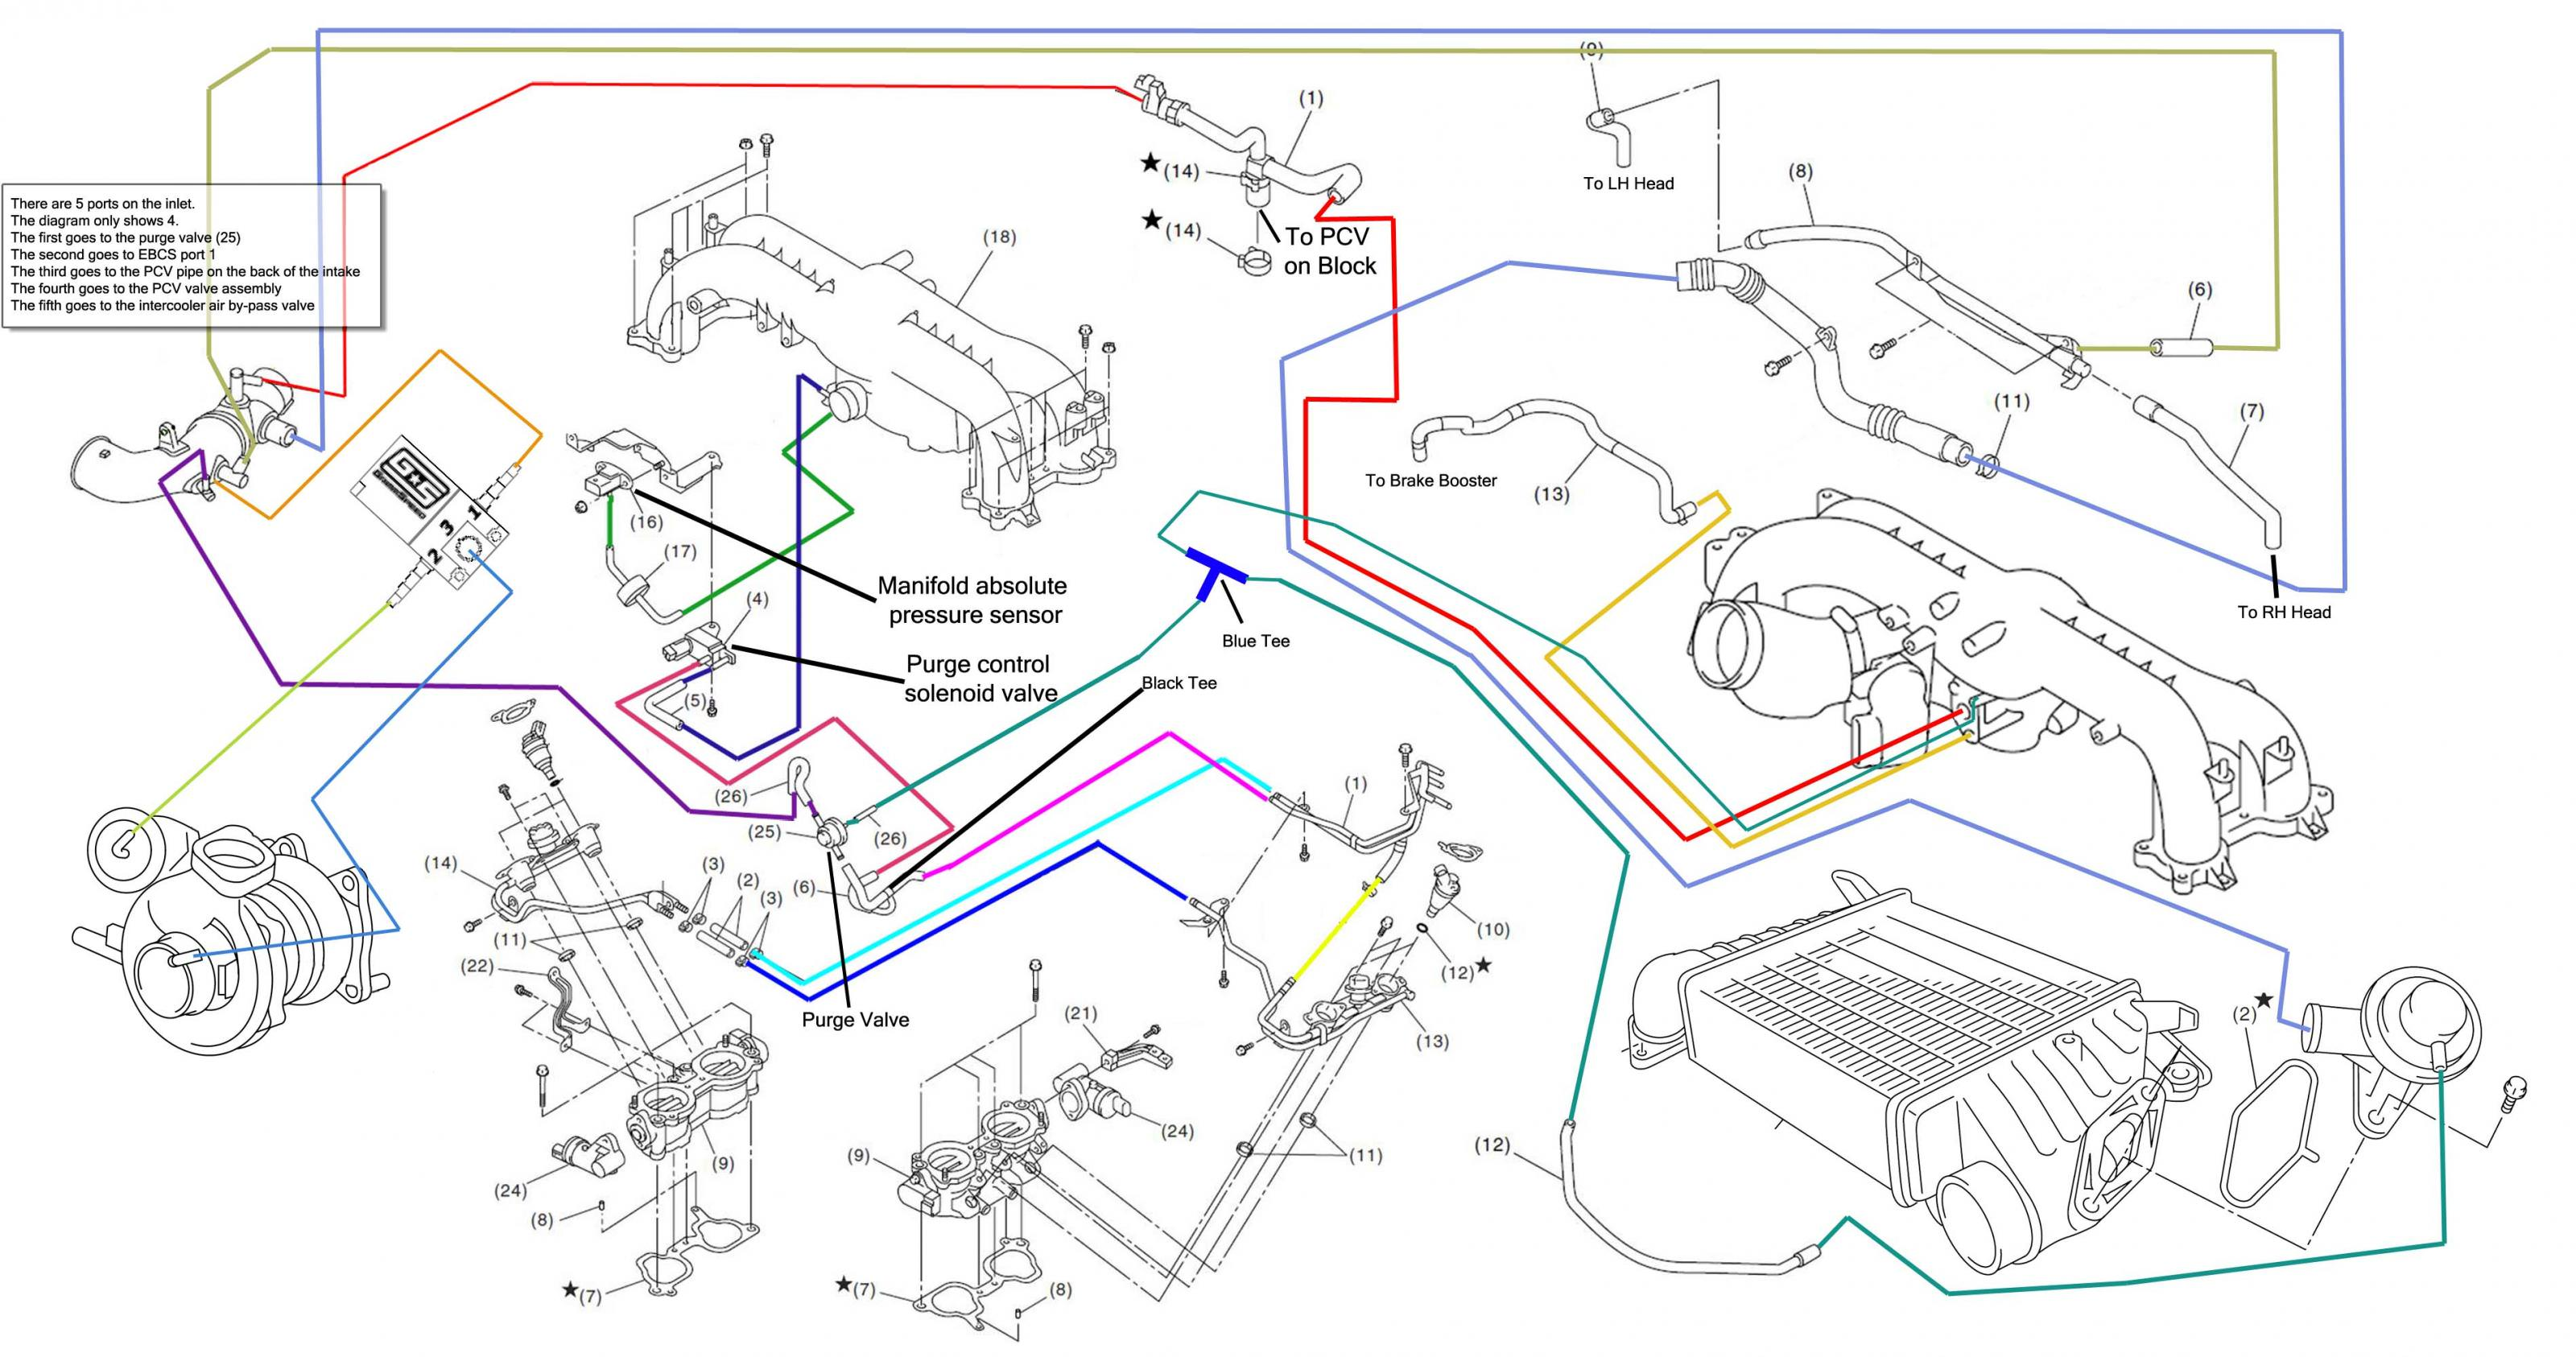 [CSDW_4250]   FA_7123] Vacuum Line Diagram Further 2002 Subaru Outback Vacuum Lines Diagram  Schematic Wiring | 2002 Subaru Wrx Wiring Diagram |  | Syny Attr Mohammedshrine Librar Wiring 101